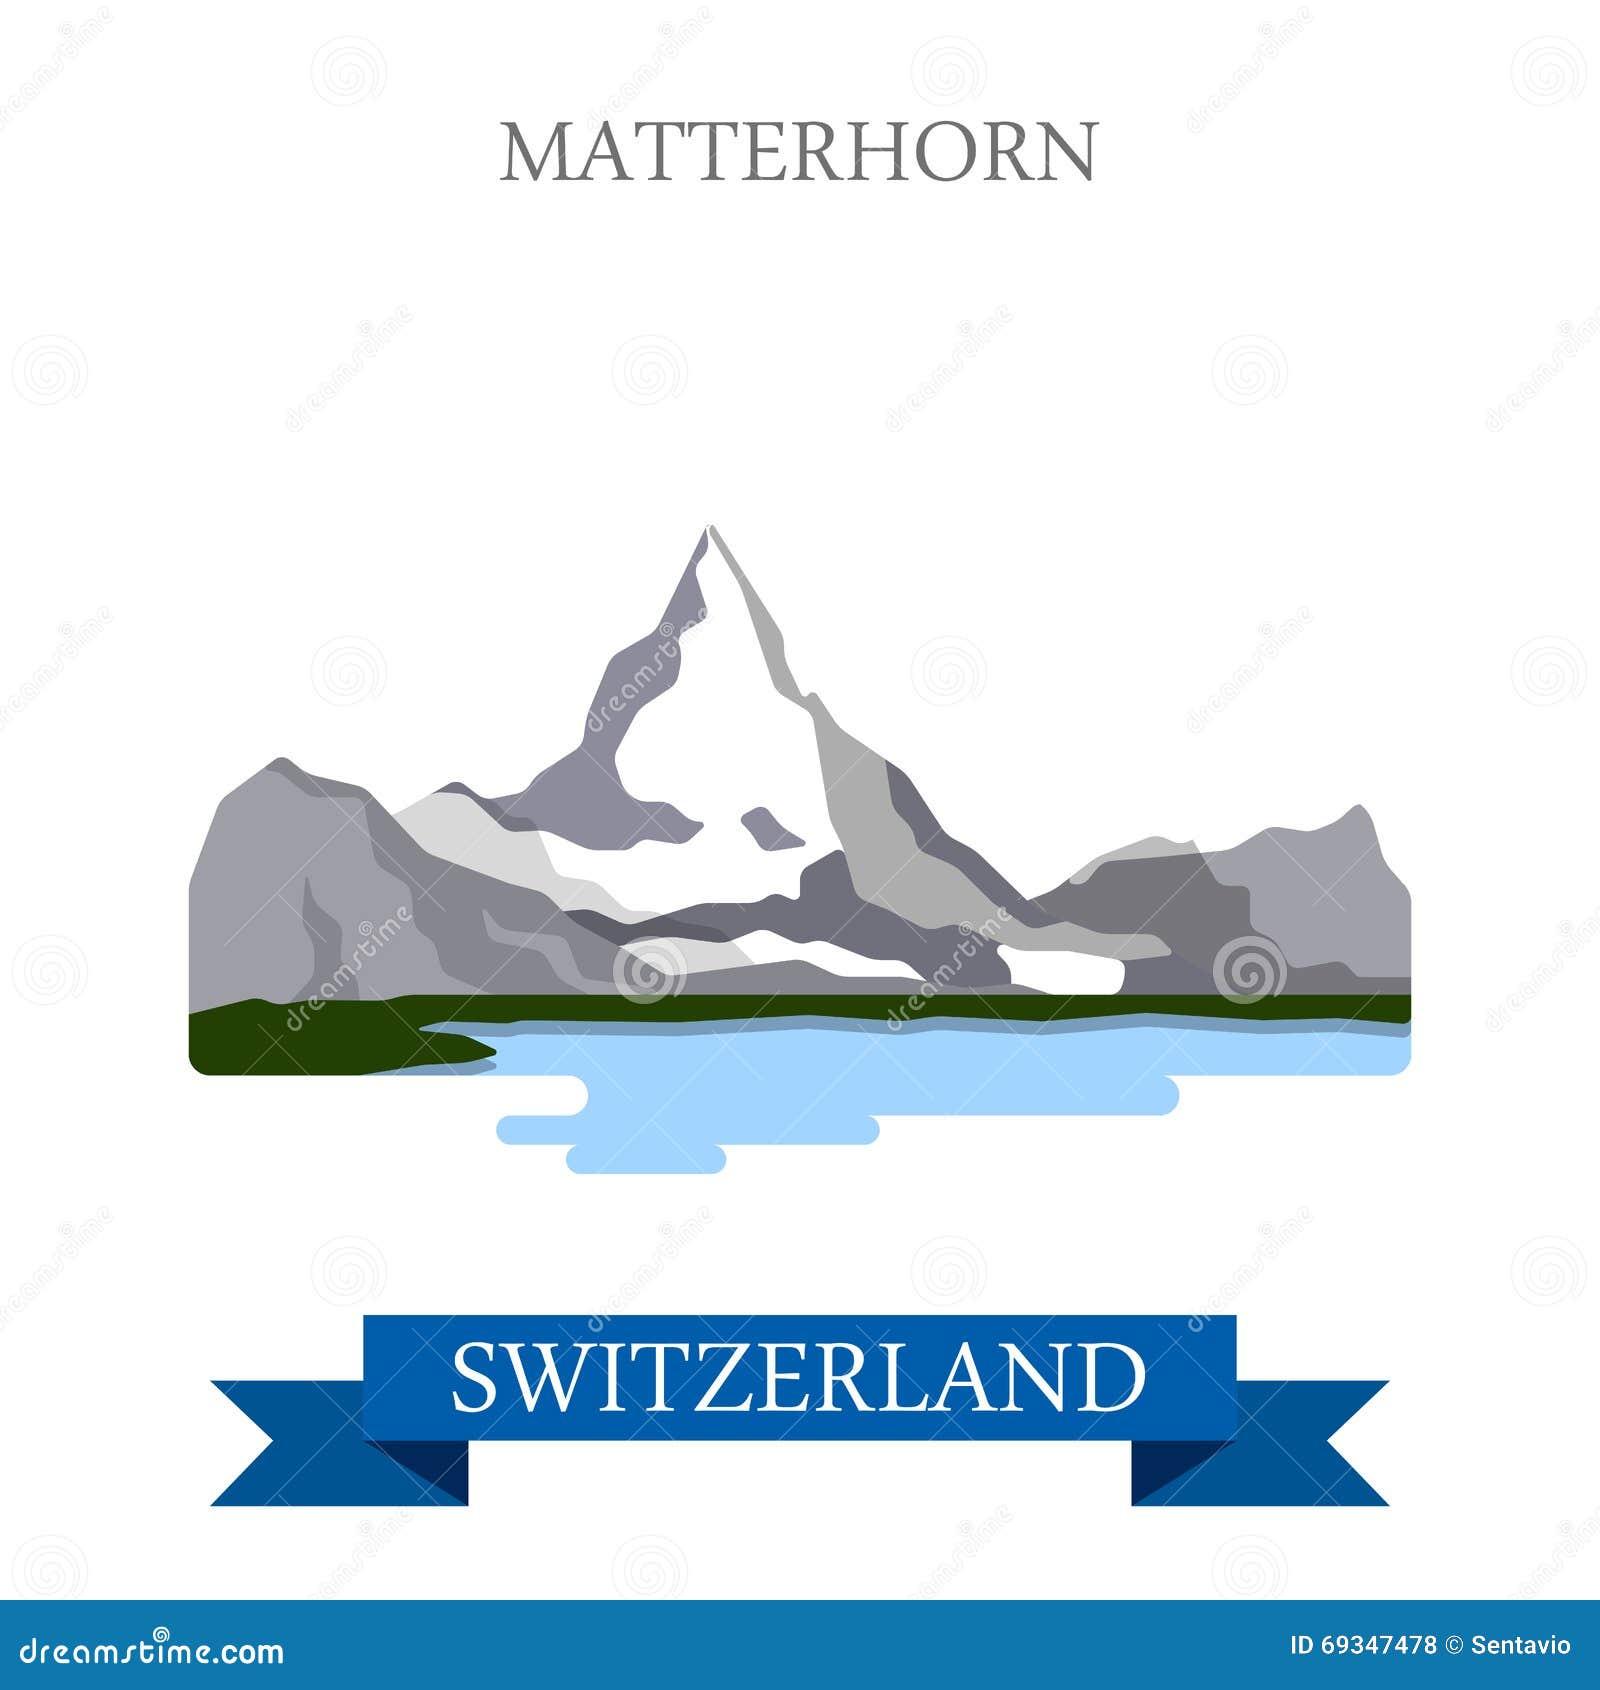 matterhorn stock illustrations u2013 148 matterhorn stock